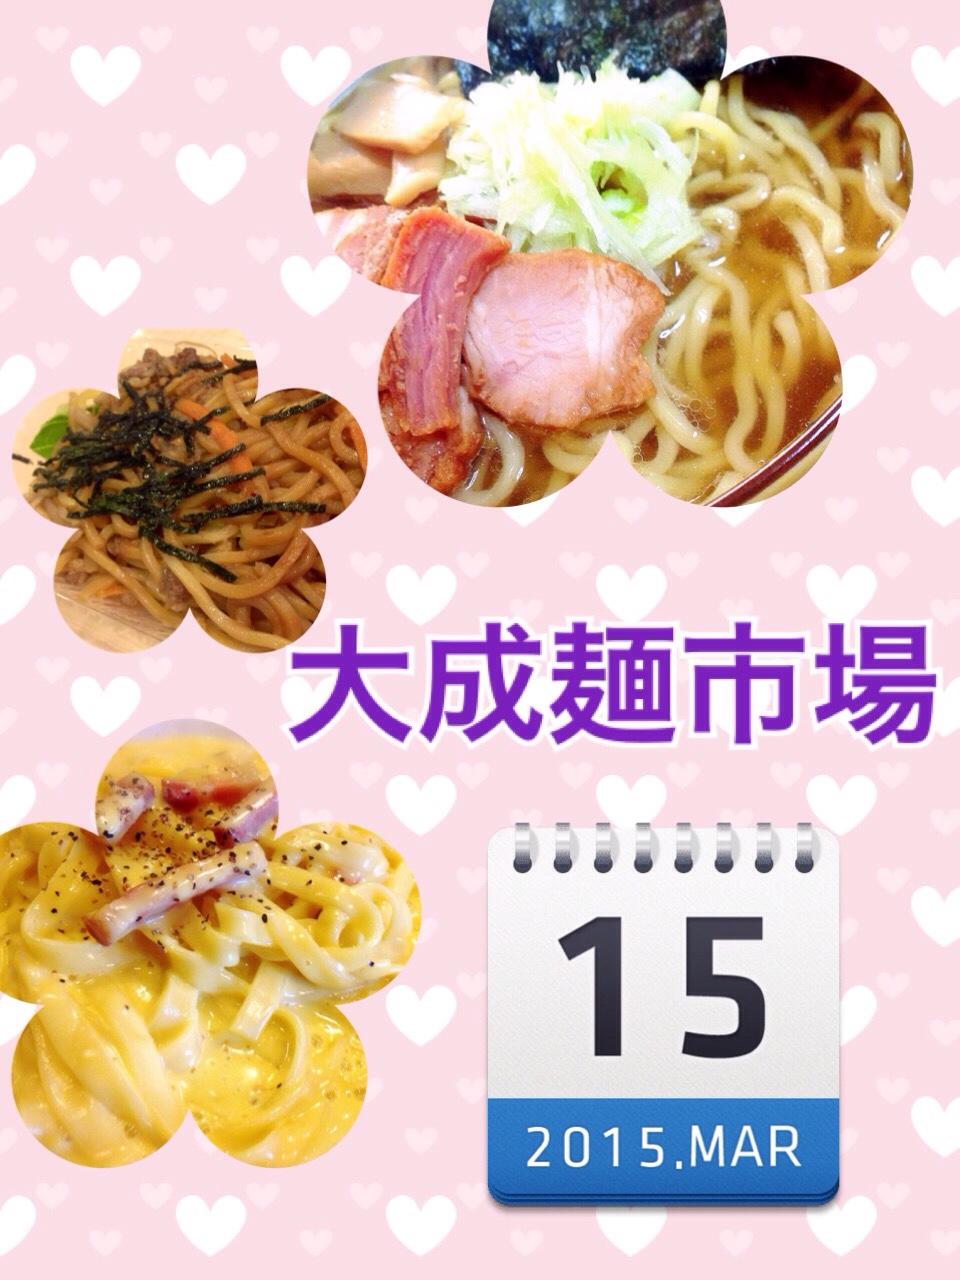 大成麺市場3月